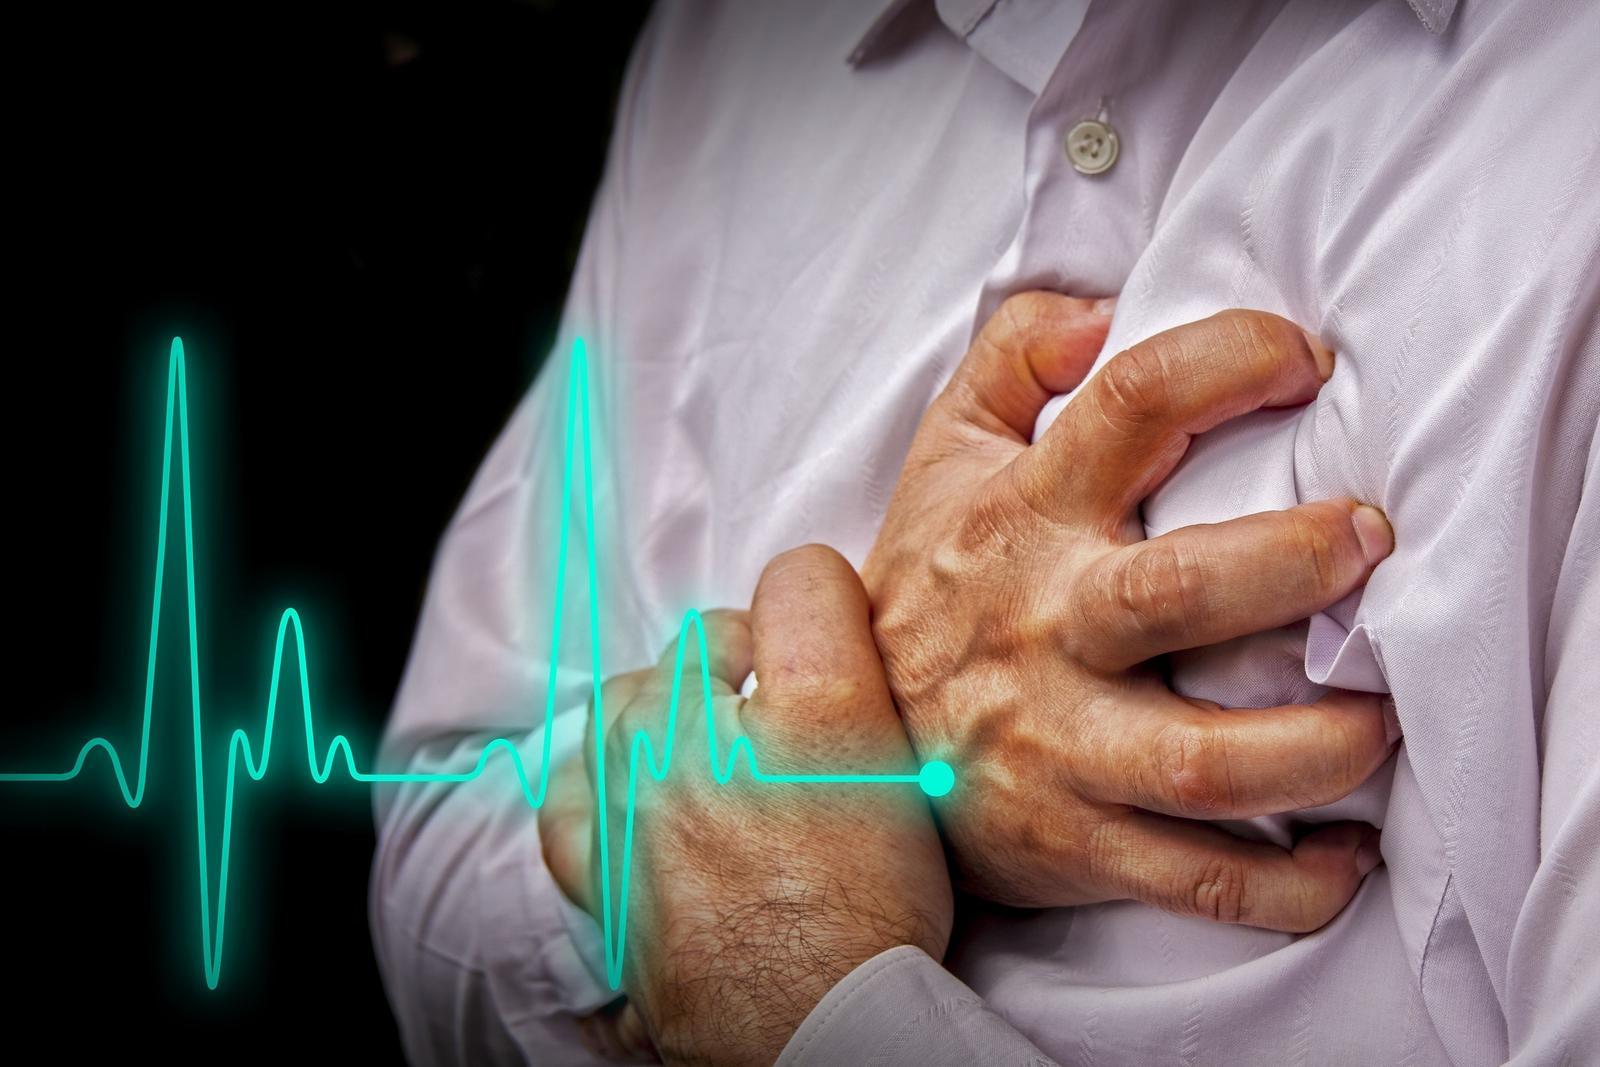 Slėgio šuolis - hipertenzija: simptomai, priežastys ir gydymo metodai - Hipertenzija November